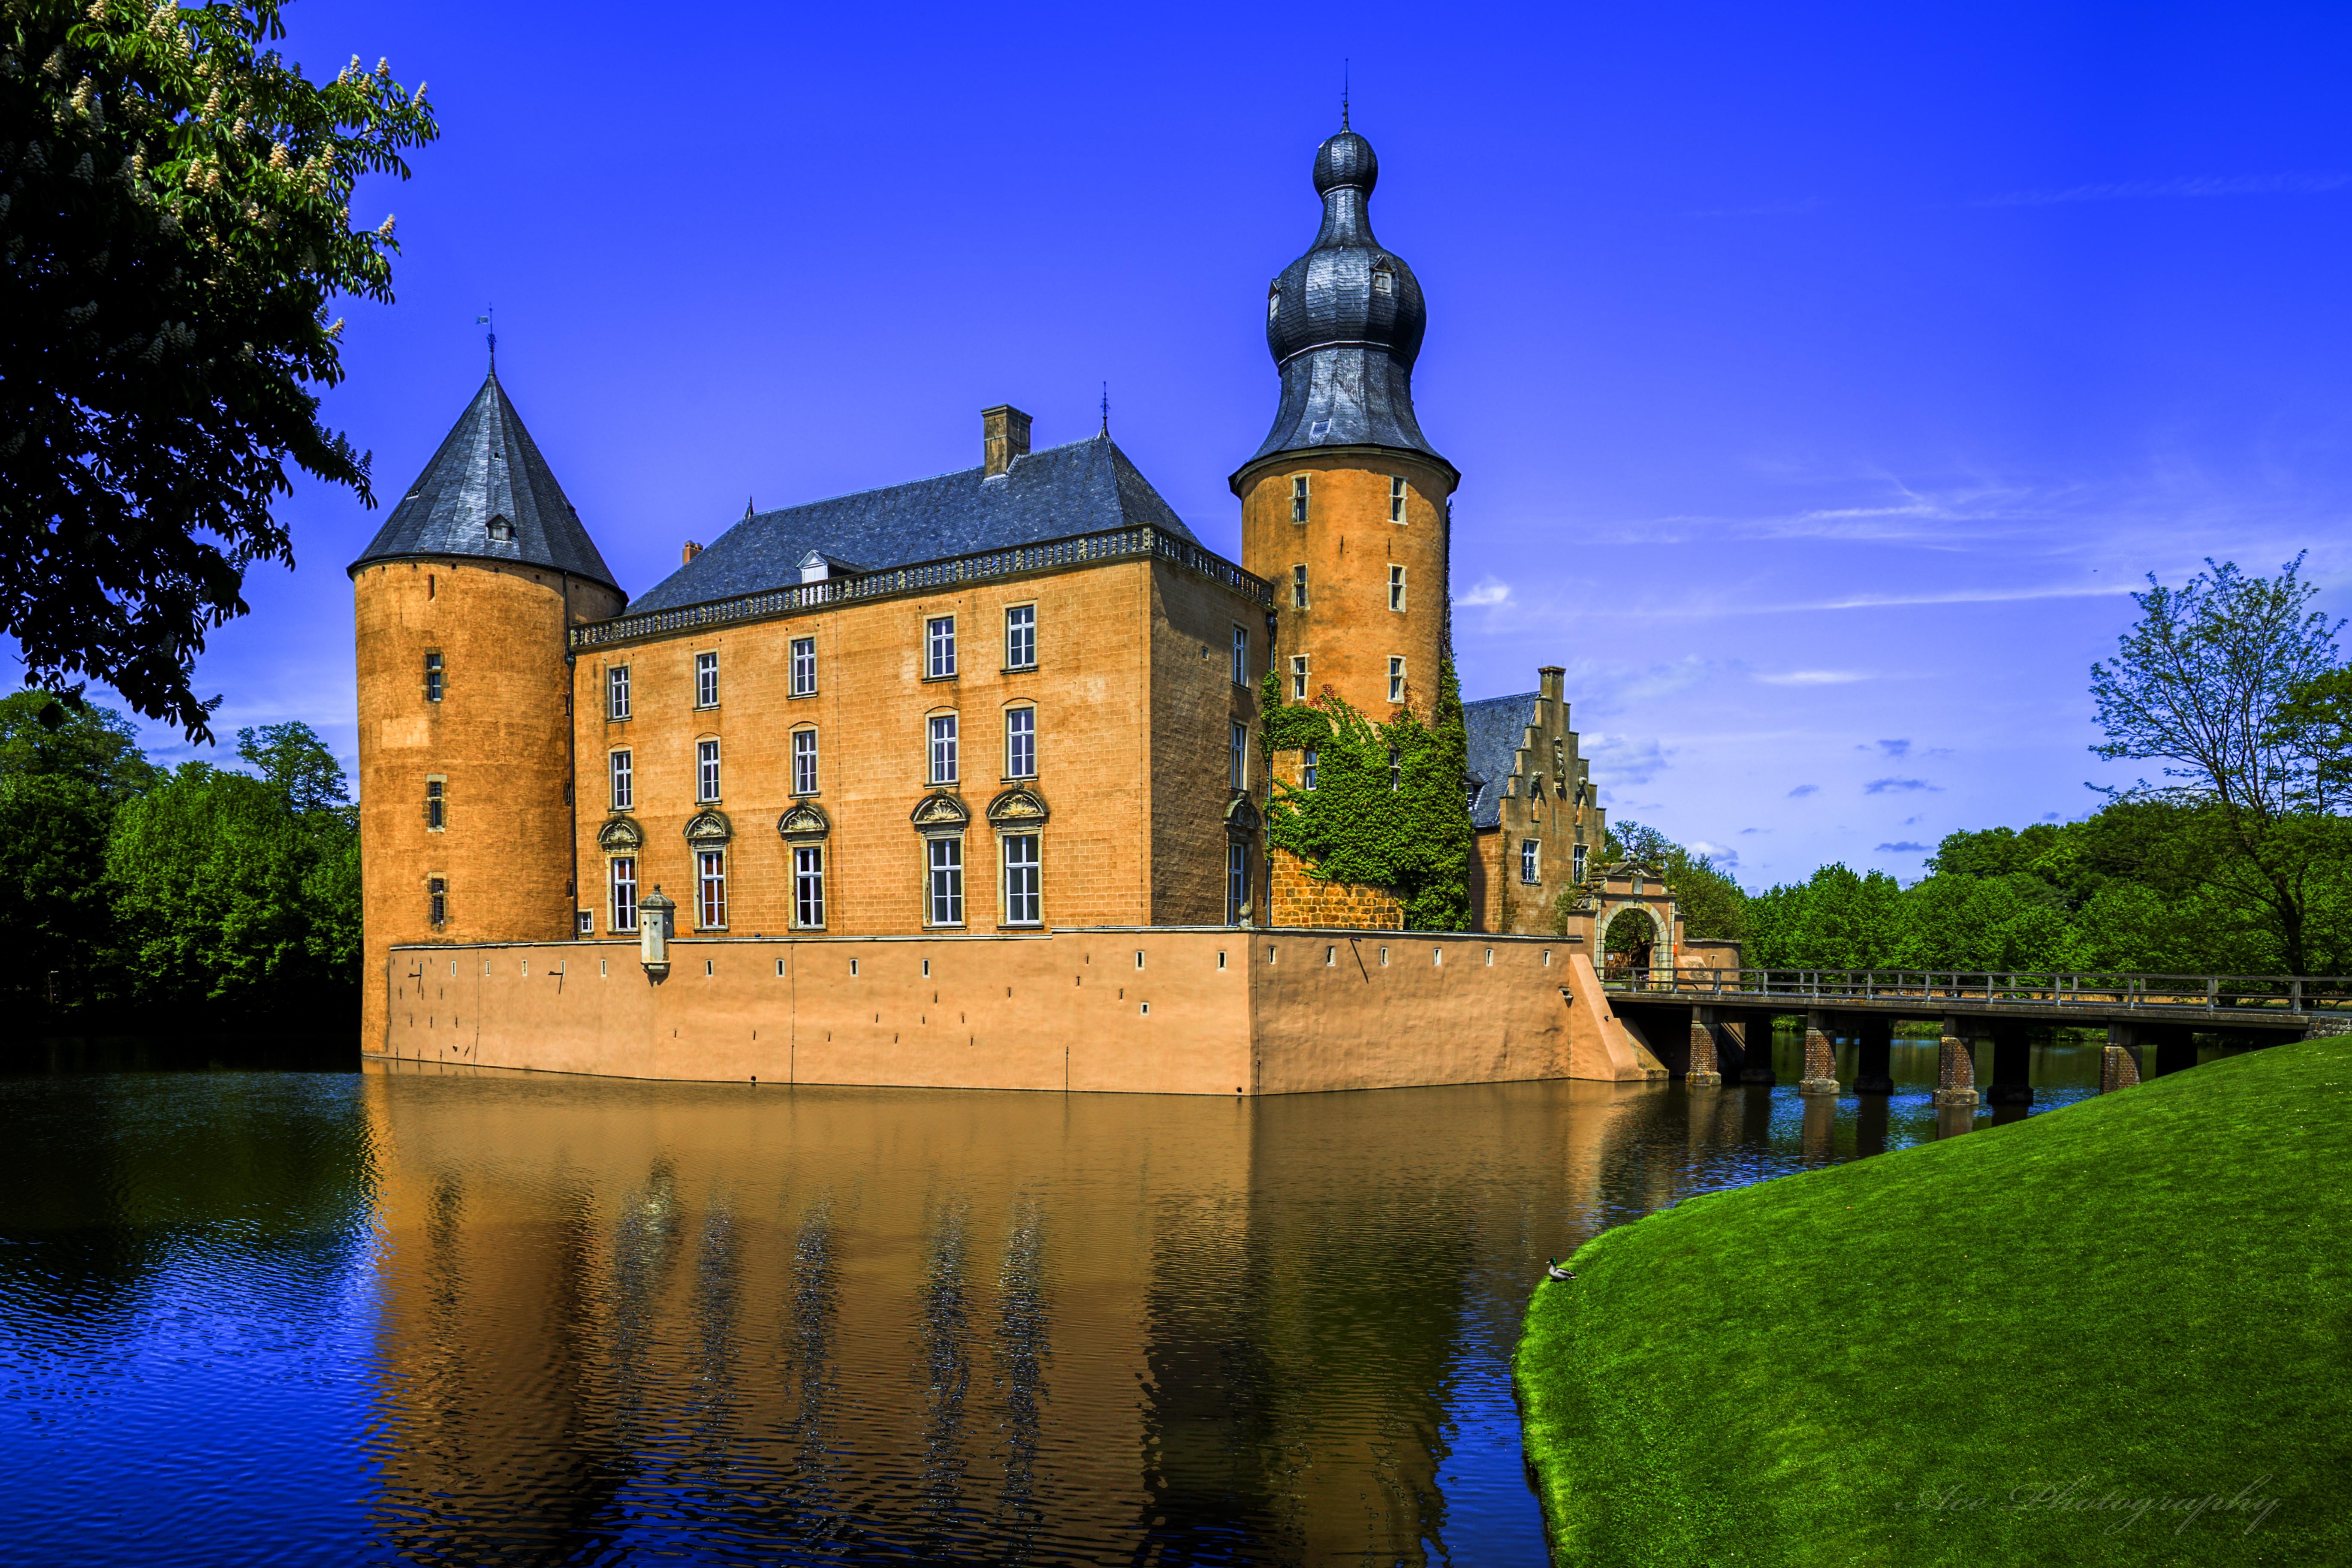 обои Gemen, замок, стоит в парковой зоне Мюнстерланда в бывшей болотистой реки Аа картинки фото